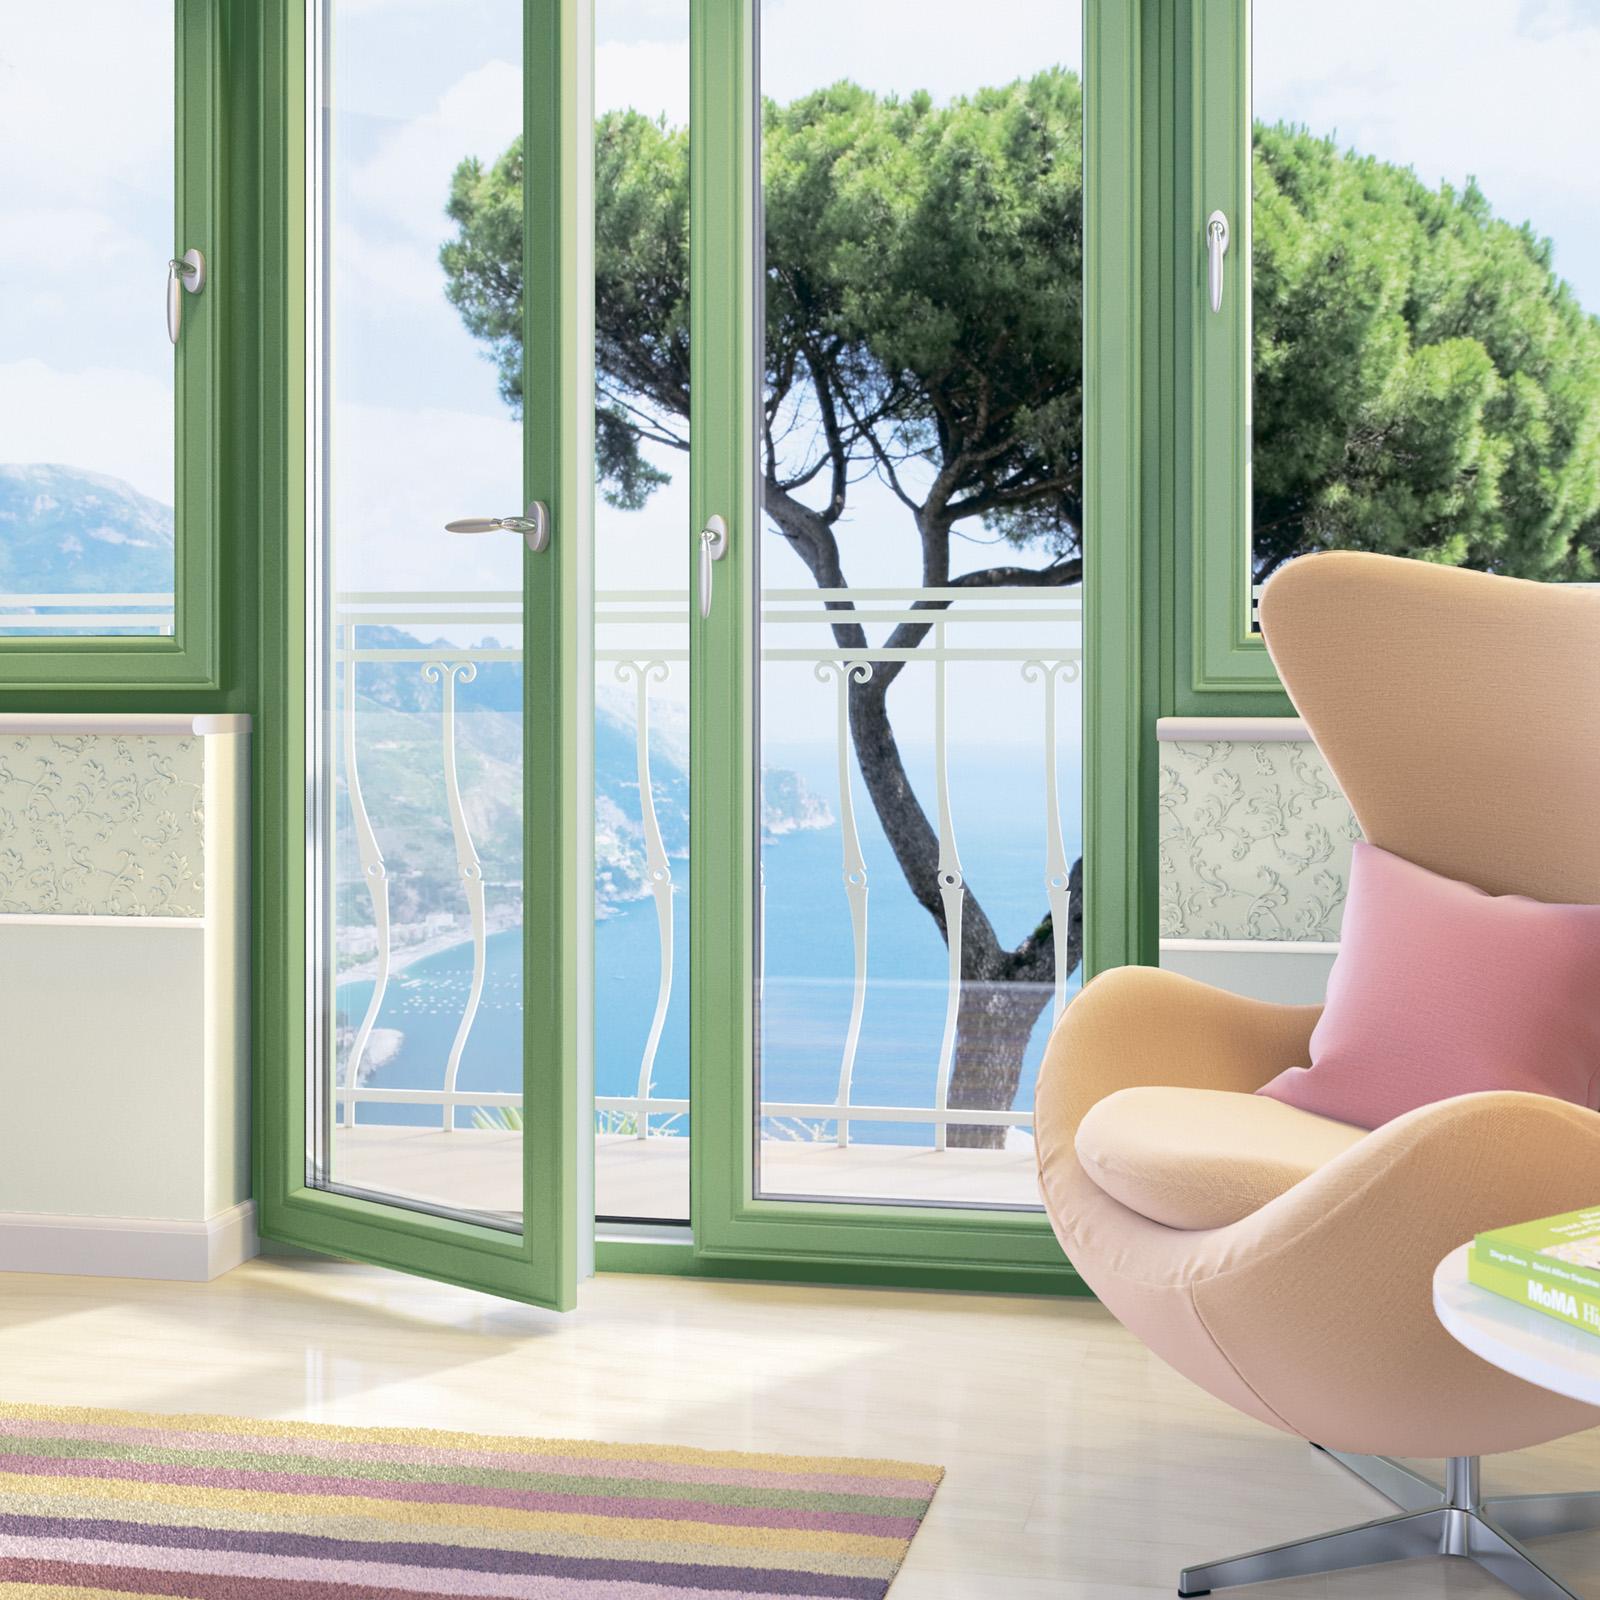 Дизайн балконных дверей: цвет, форма, дизайн стекла.